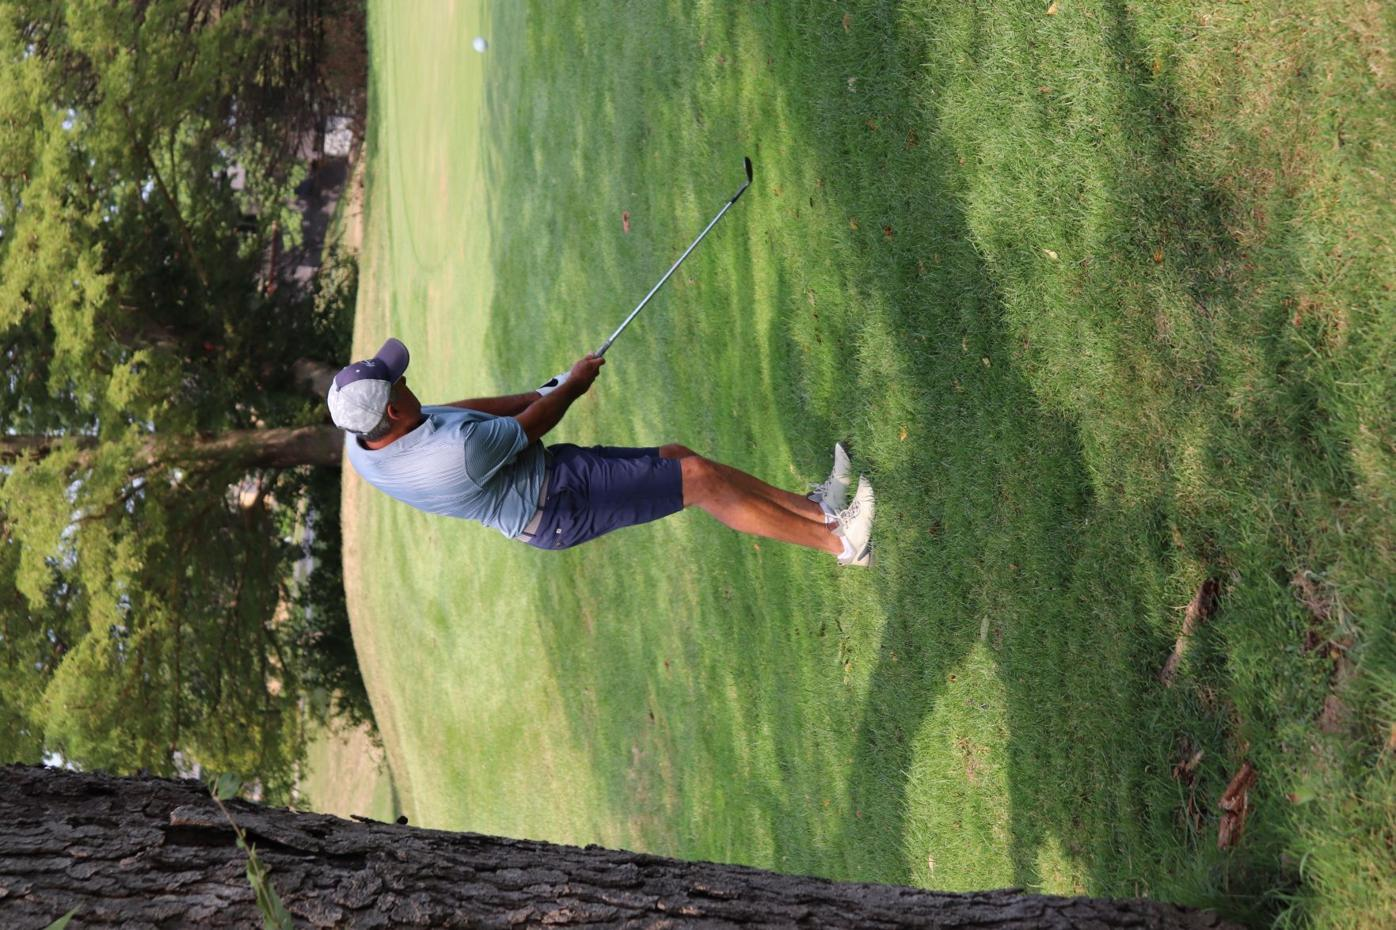 091421_cno_city golf bill meyer.jpg